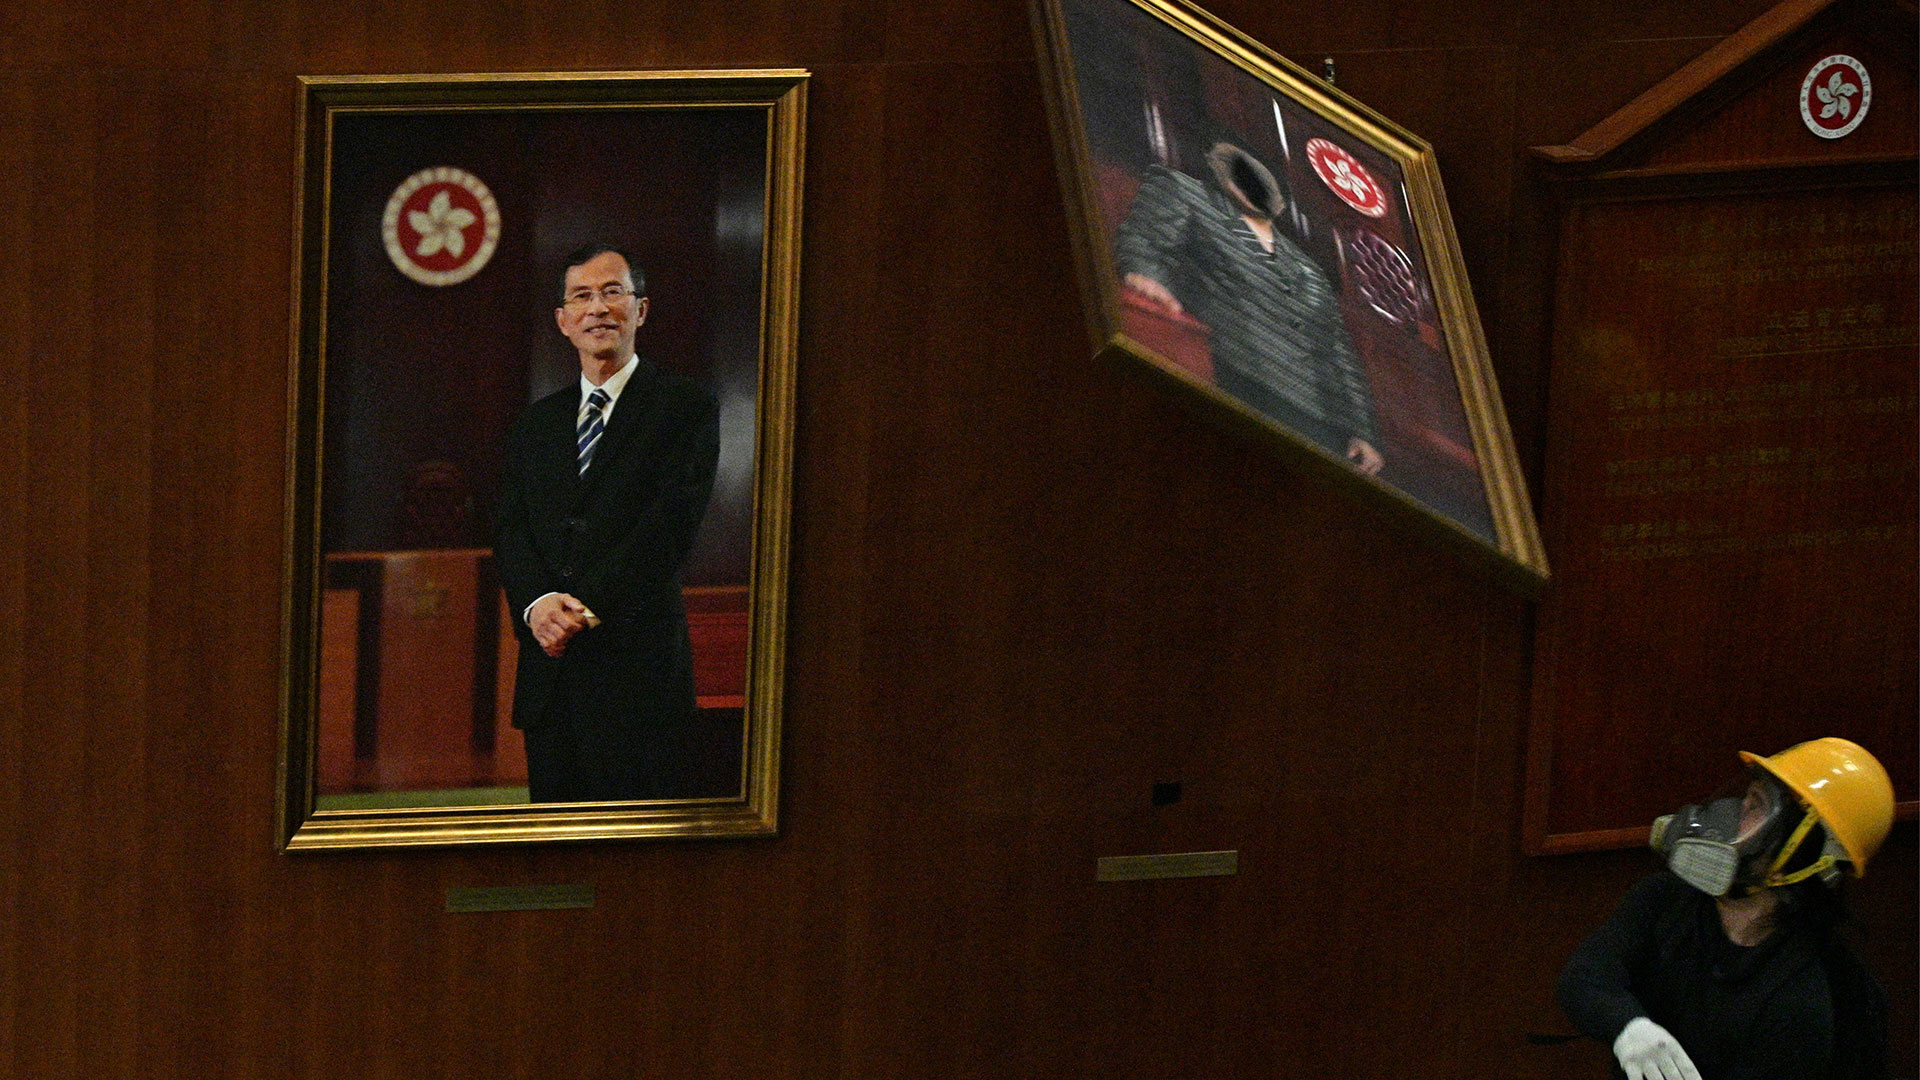 Un manifestante arroja el retrato de un político que estaba colgado dentro del recintolegislativo